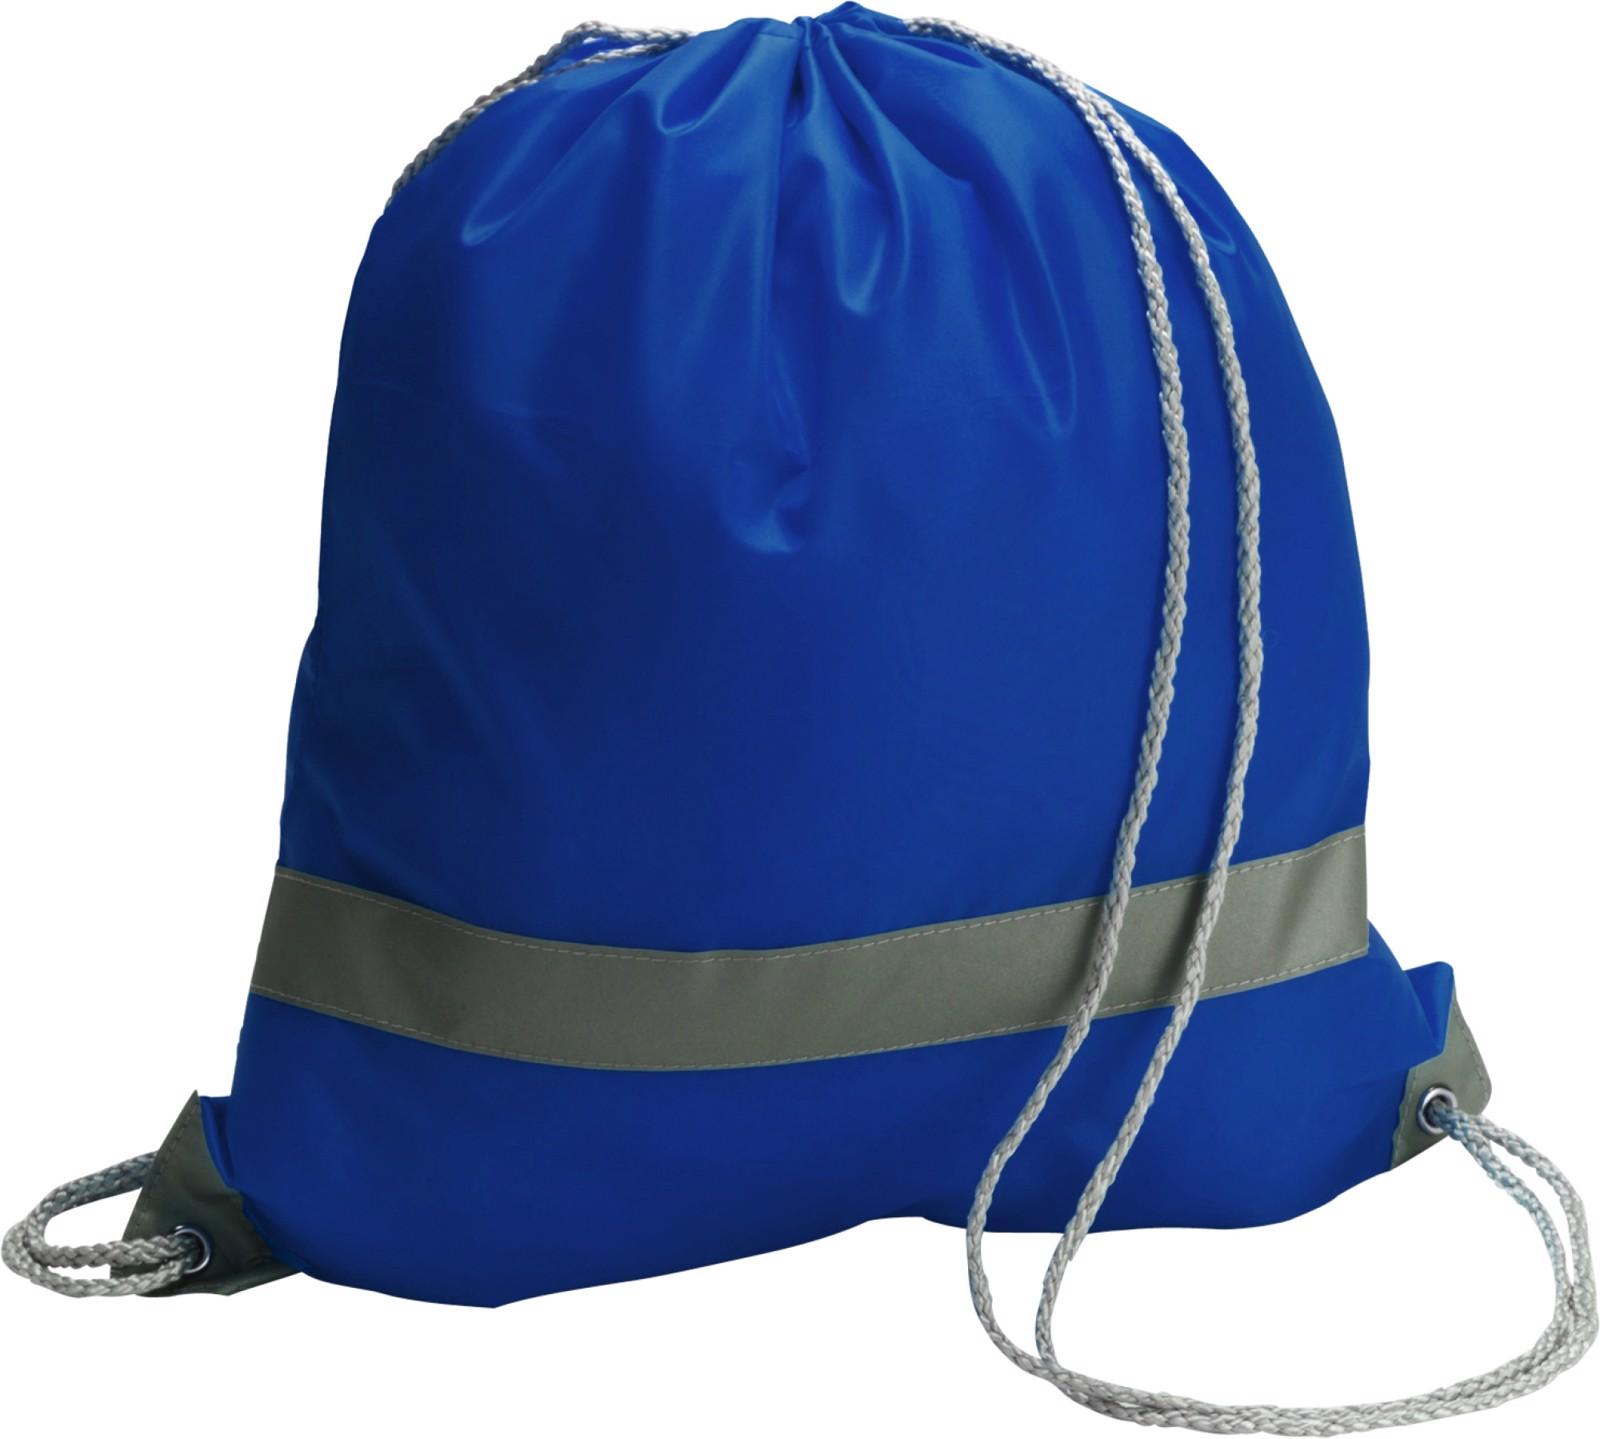 Polyester (190T) drawstring backpack - Cobalt Blue